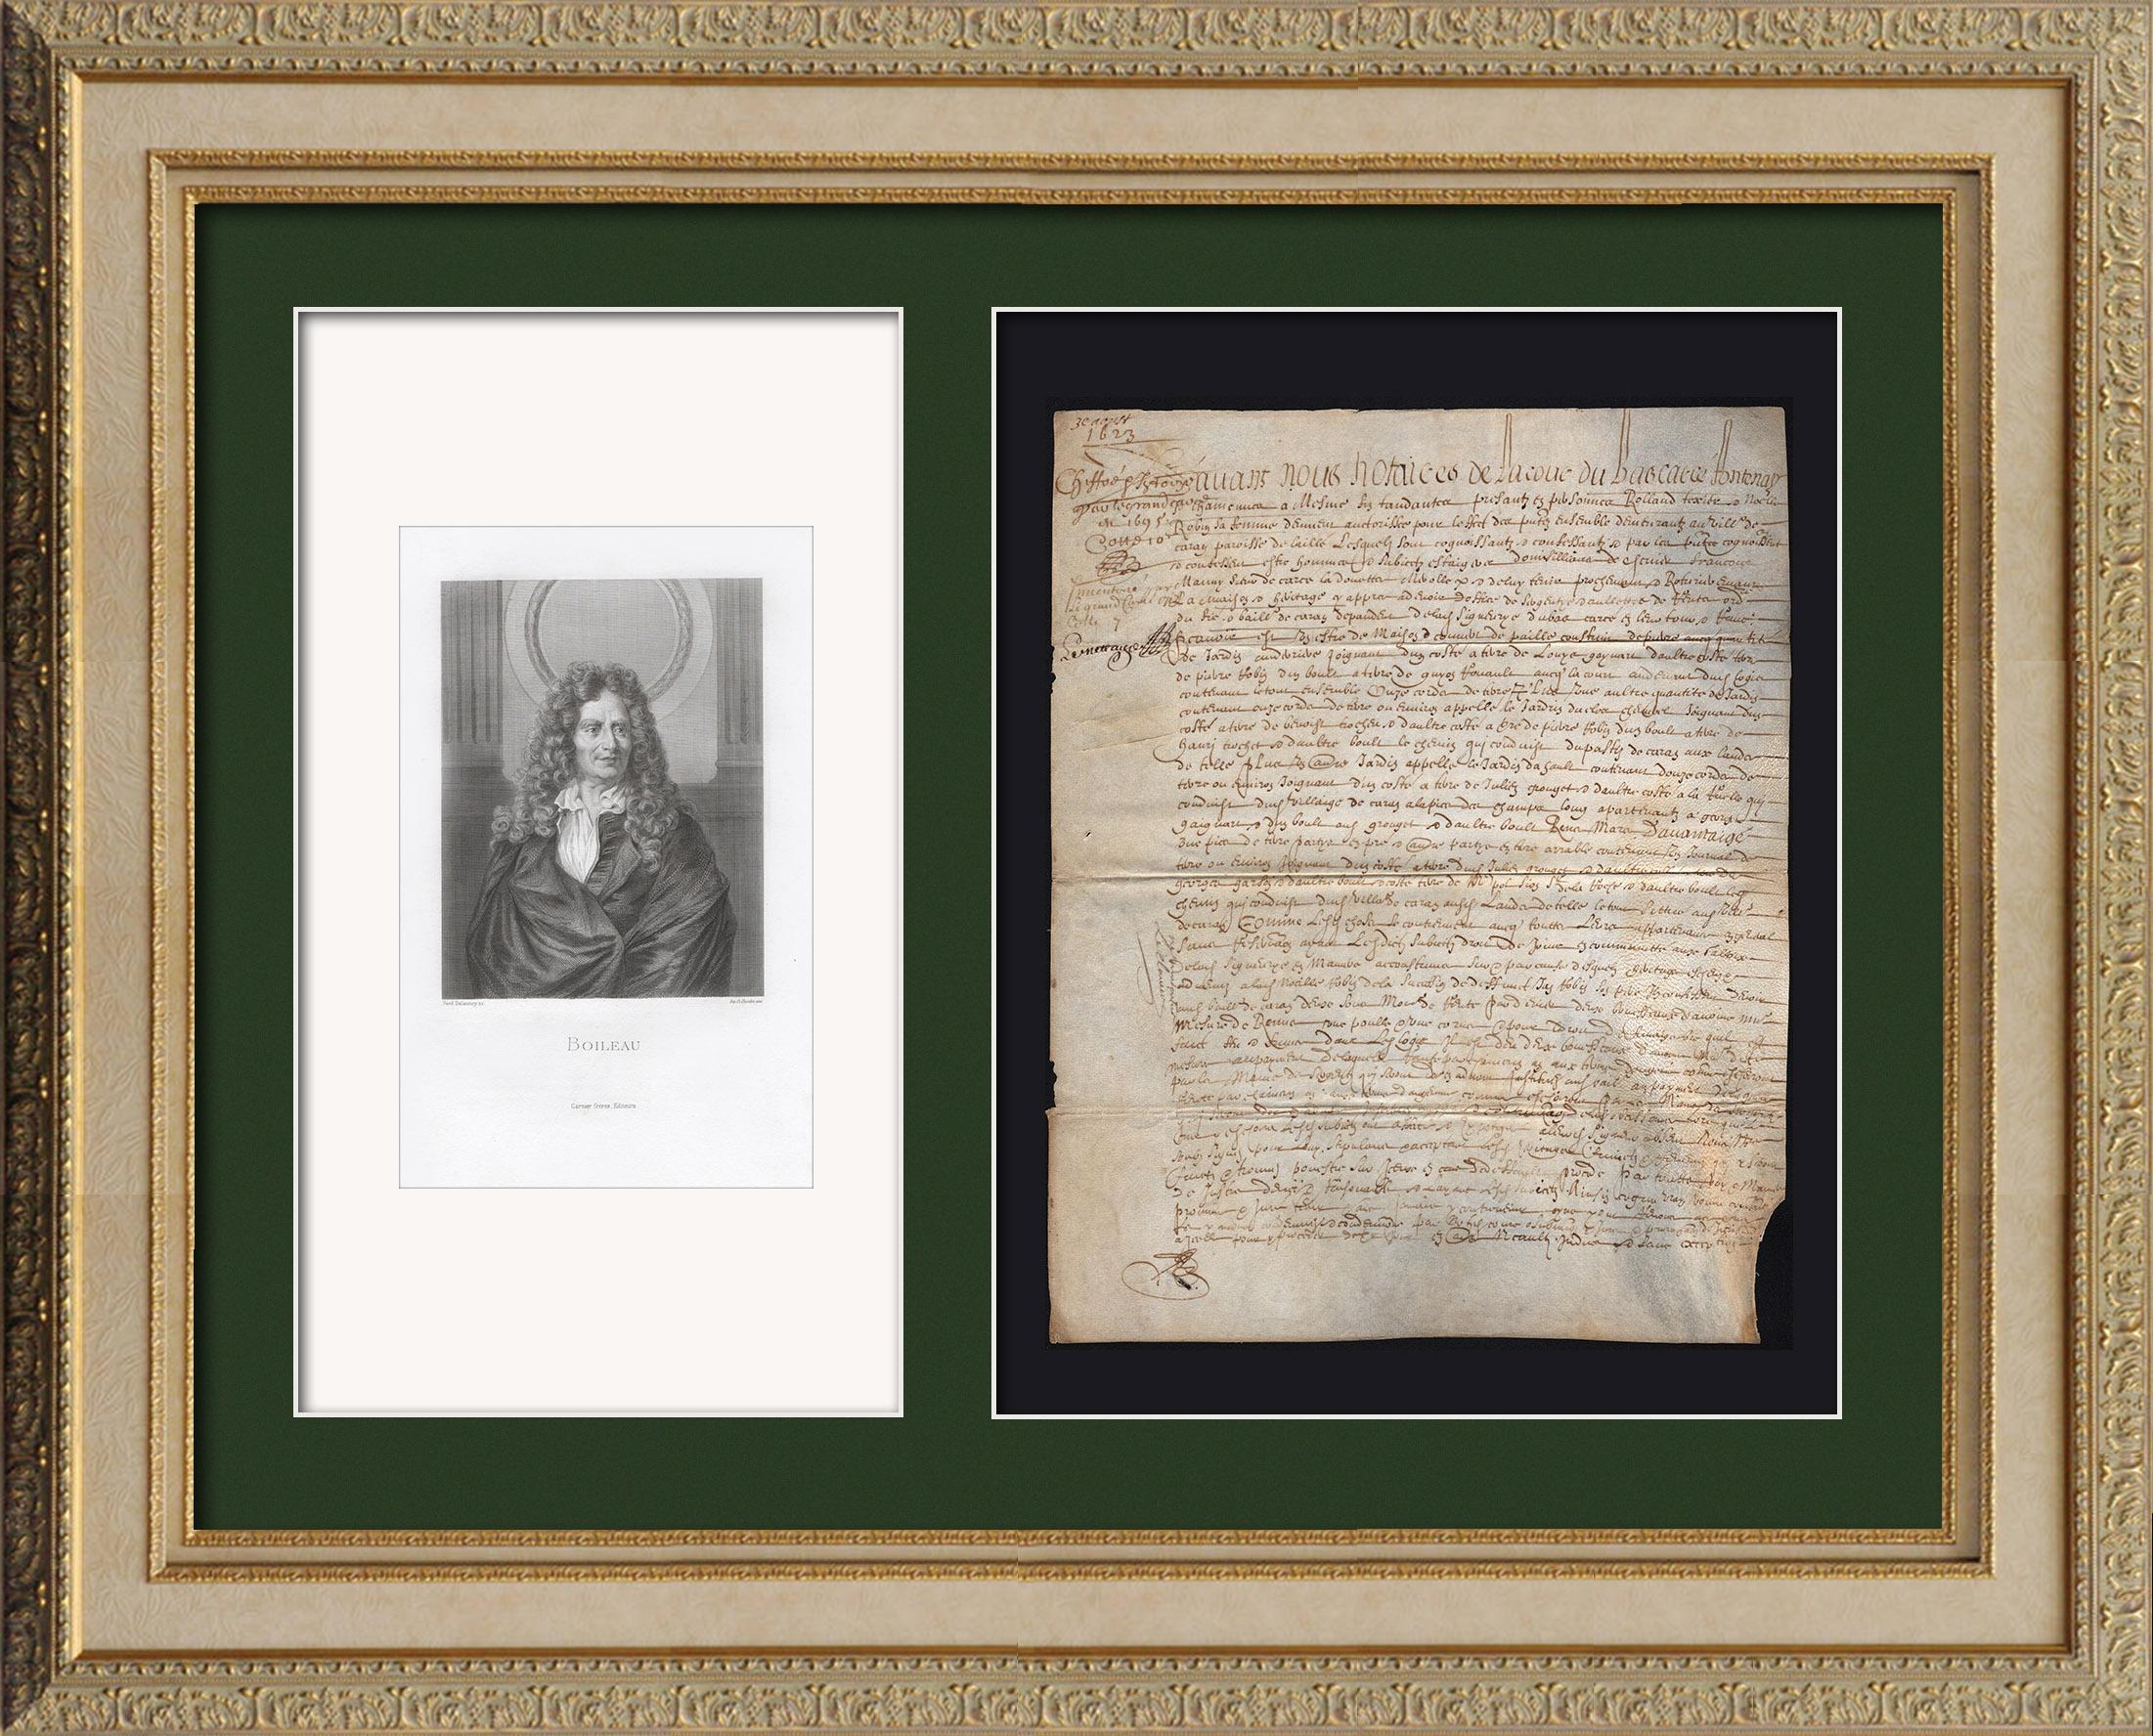 Document Historique sur Parchemin - Règne de Louis XIII de France - 1623 - France XVIIème Siècle | Document manuscrit original daté du 3 Août 1623 et Portrait de Nicolas Boileau